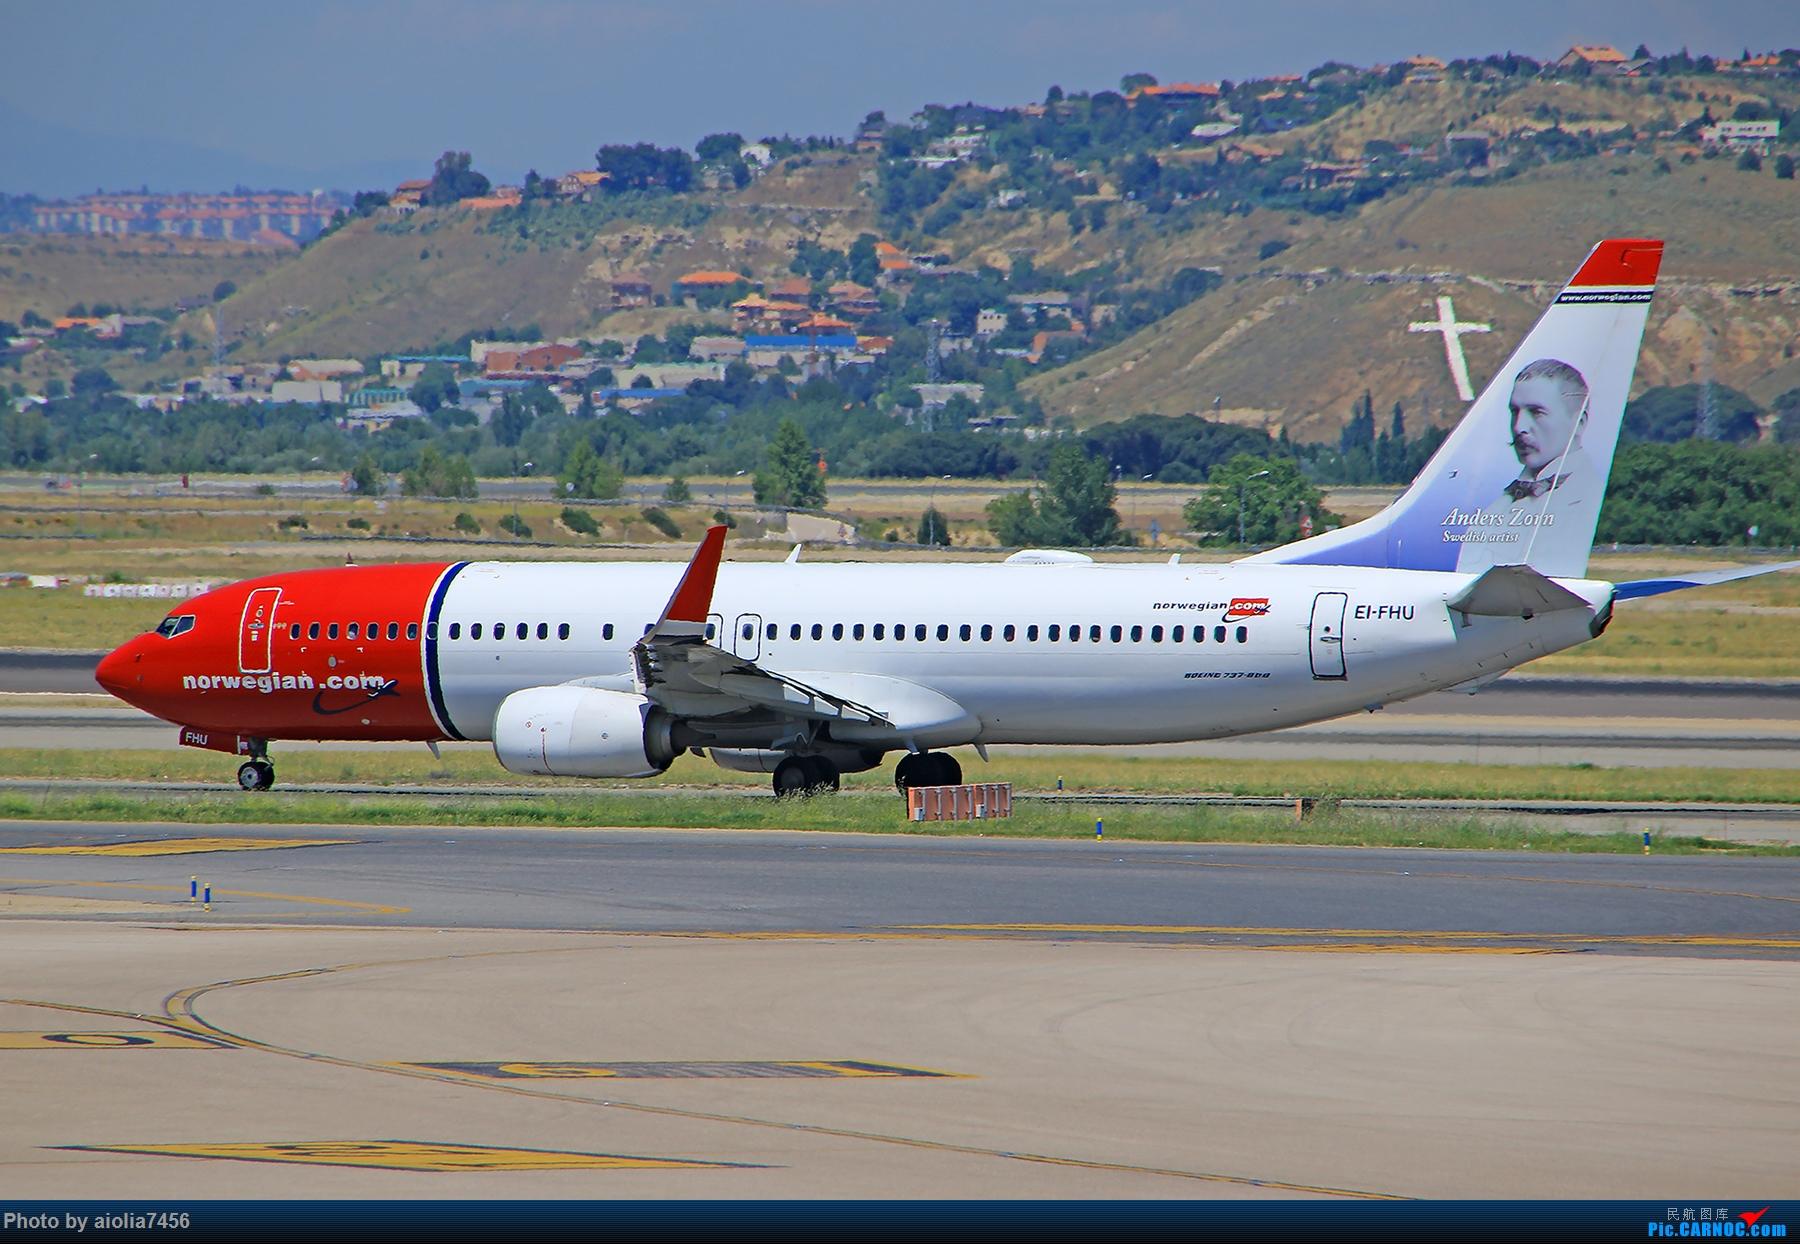 Re:[原创]【合肥飞友会】西行归来第二弹--西行拍机 BOEING 737-800 EI-FHU 西班牙马德里机场